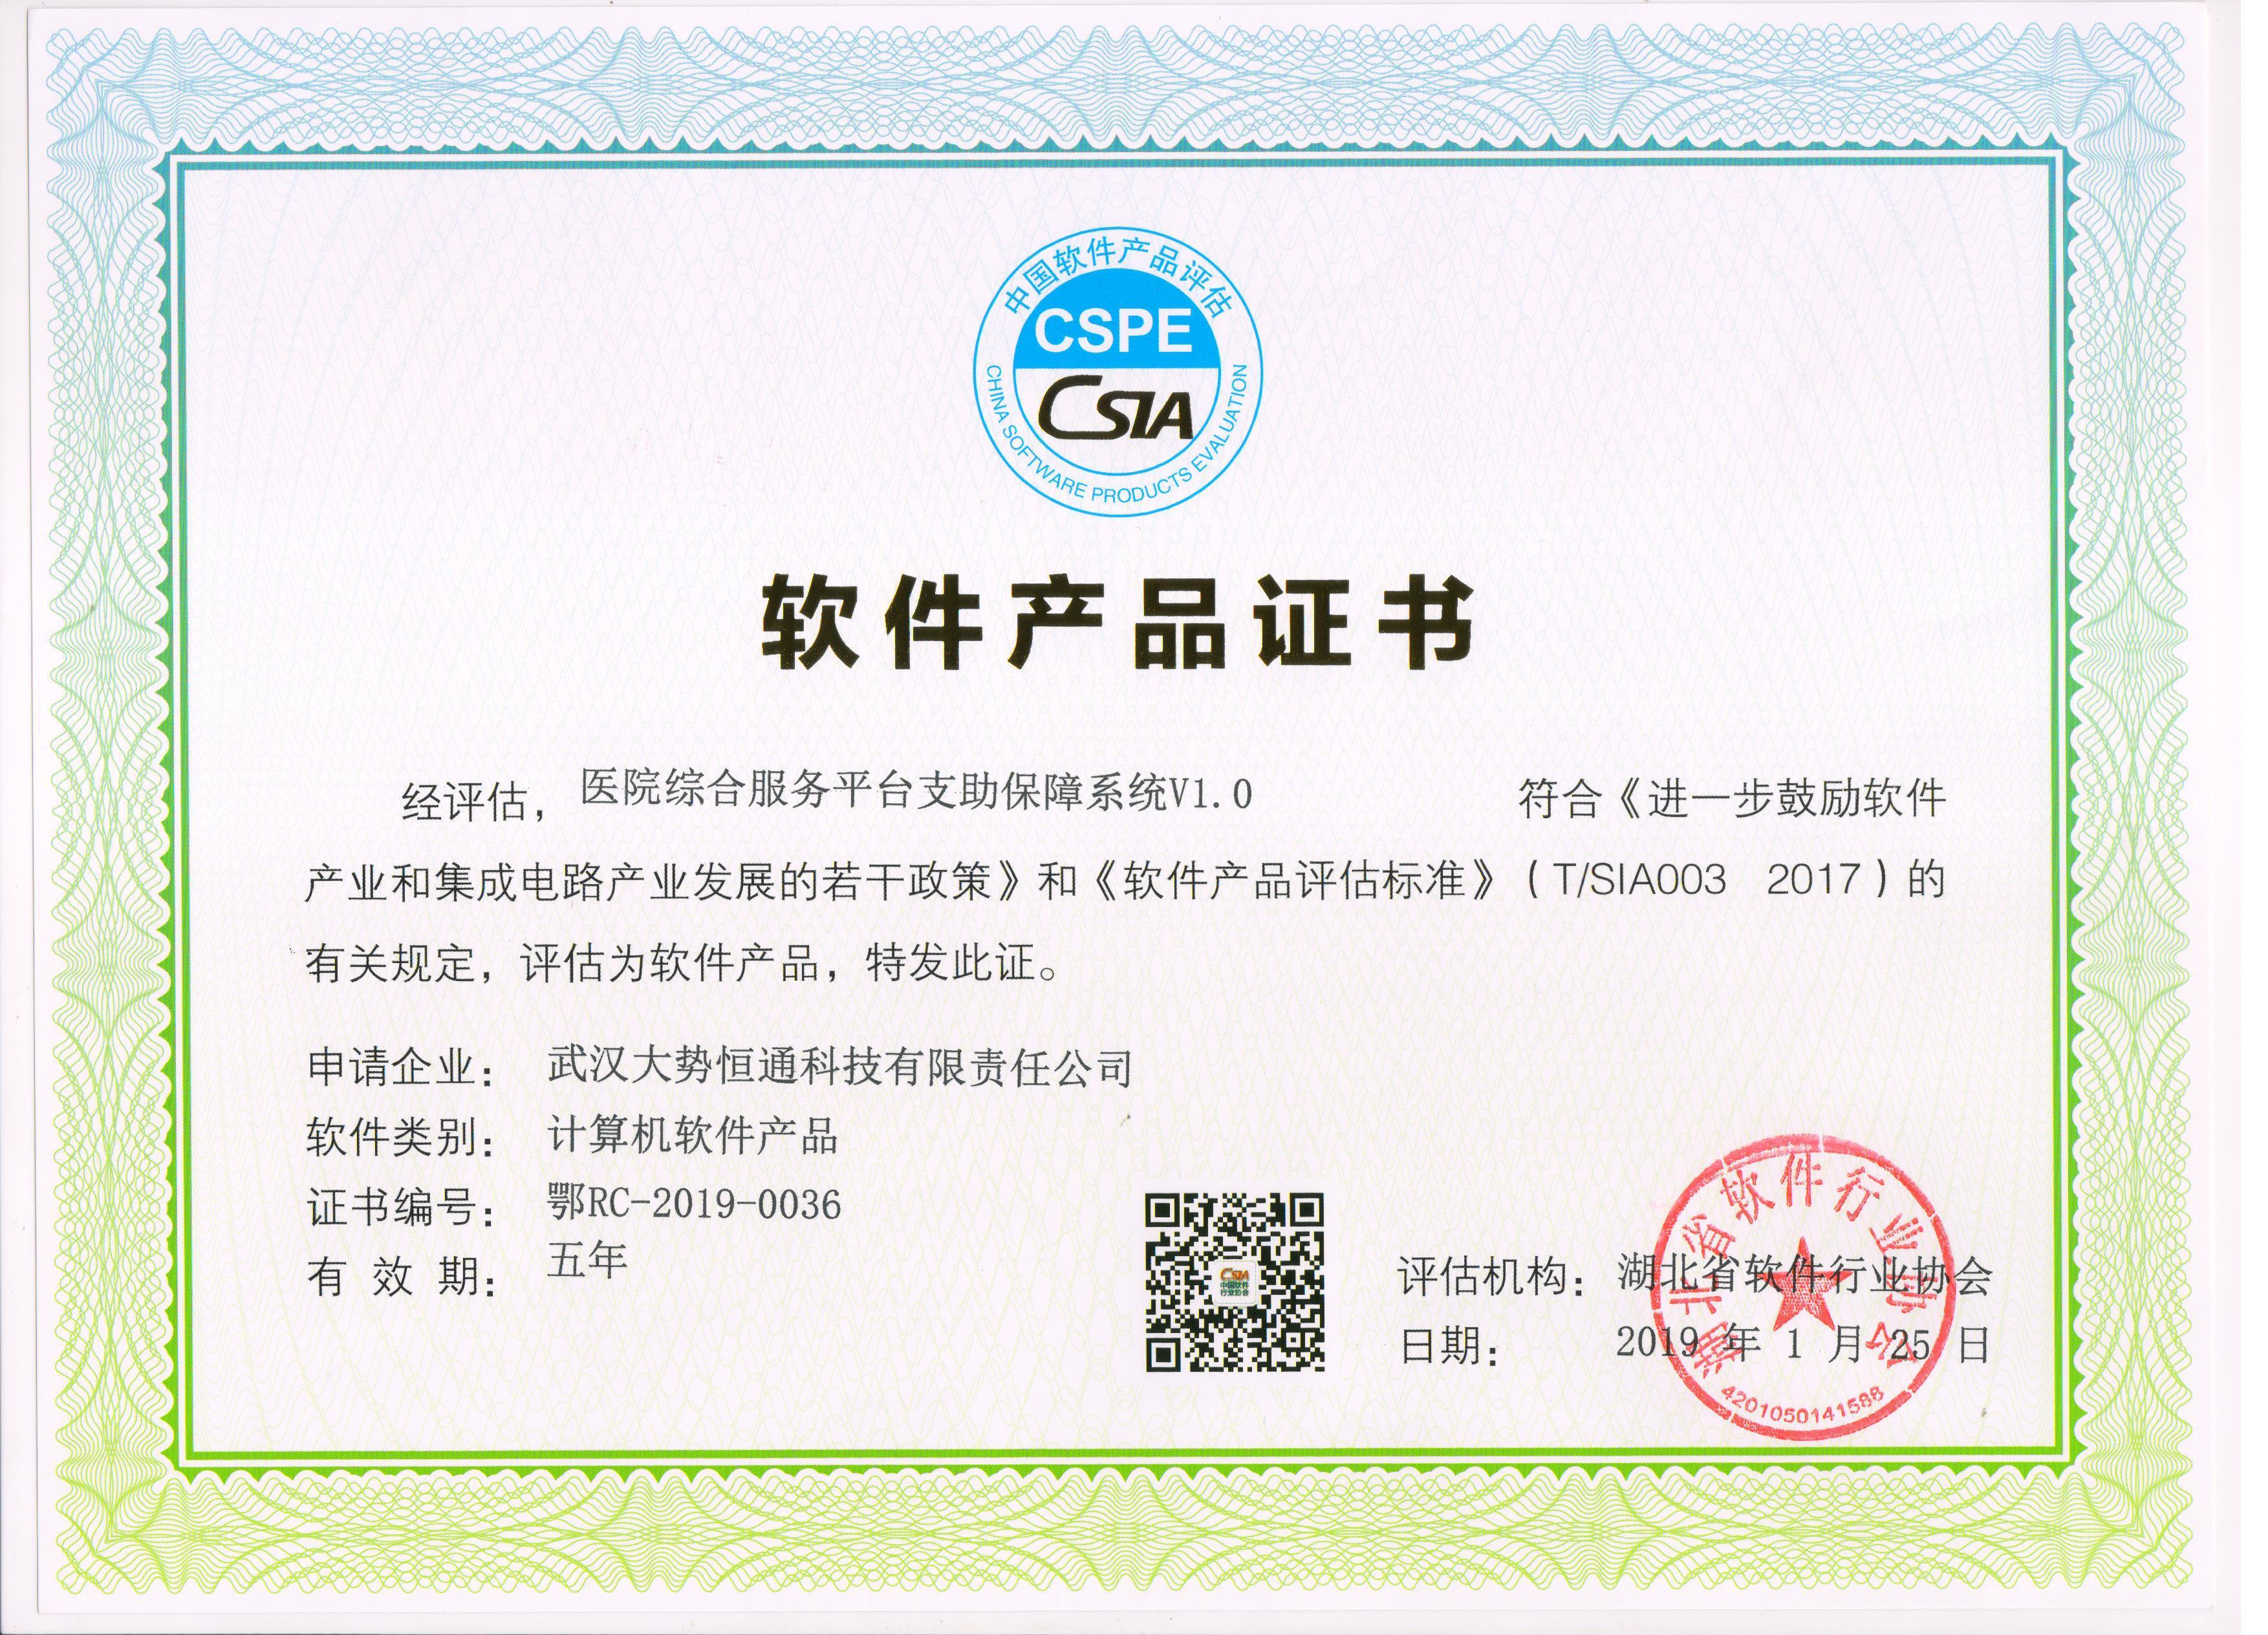 医院综合服务平台支助保障系统V1.0-软件登记证书